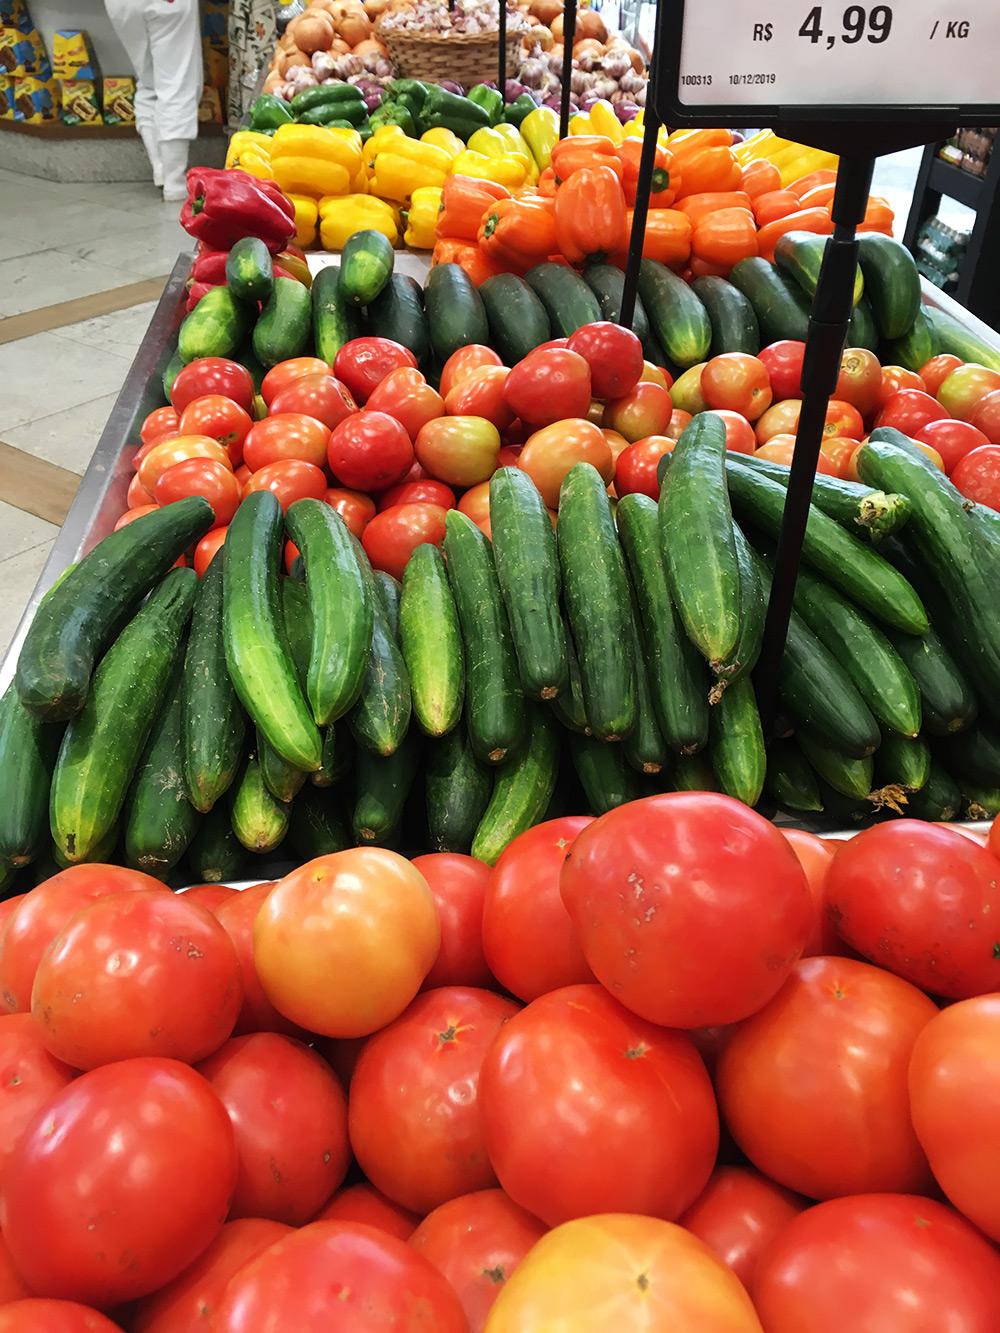 Овощи всегда свежие, но беда с помидорами: они абсолютно невкусные